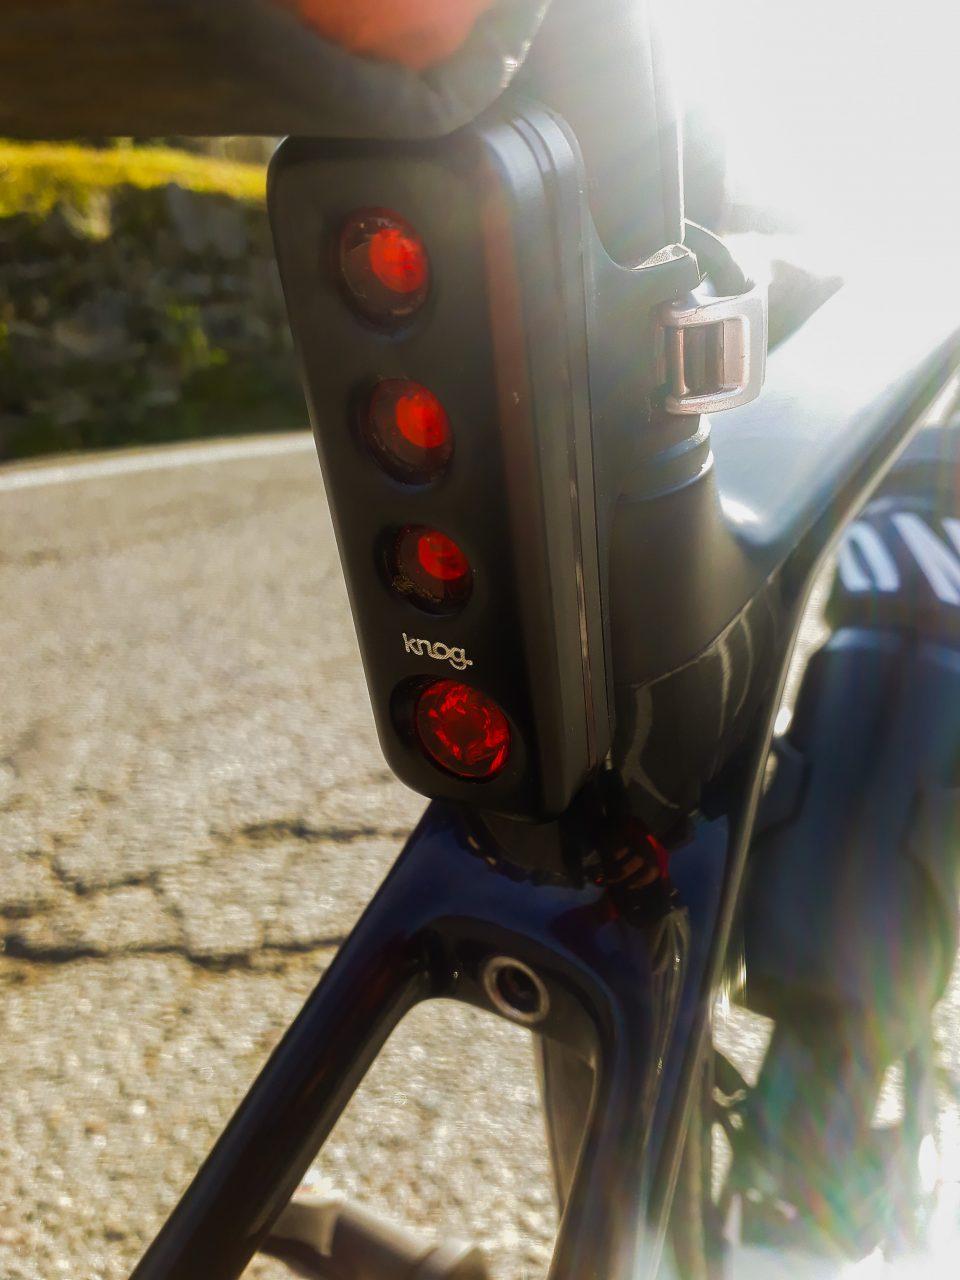 Knog Blinder Road R70